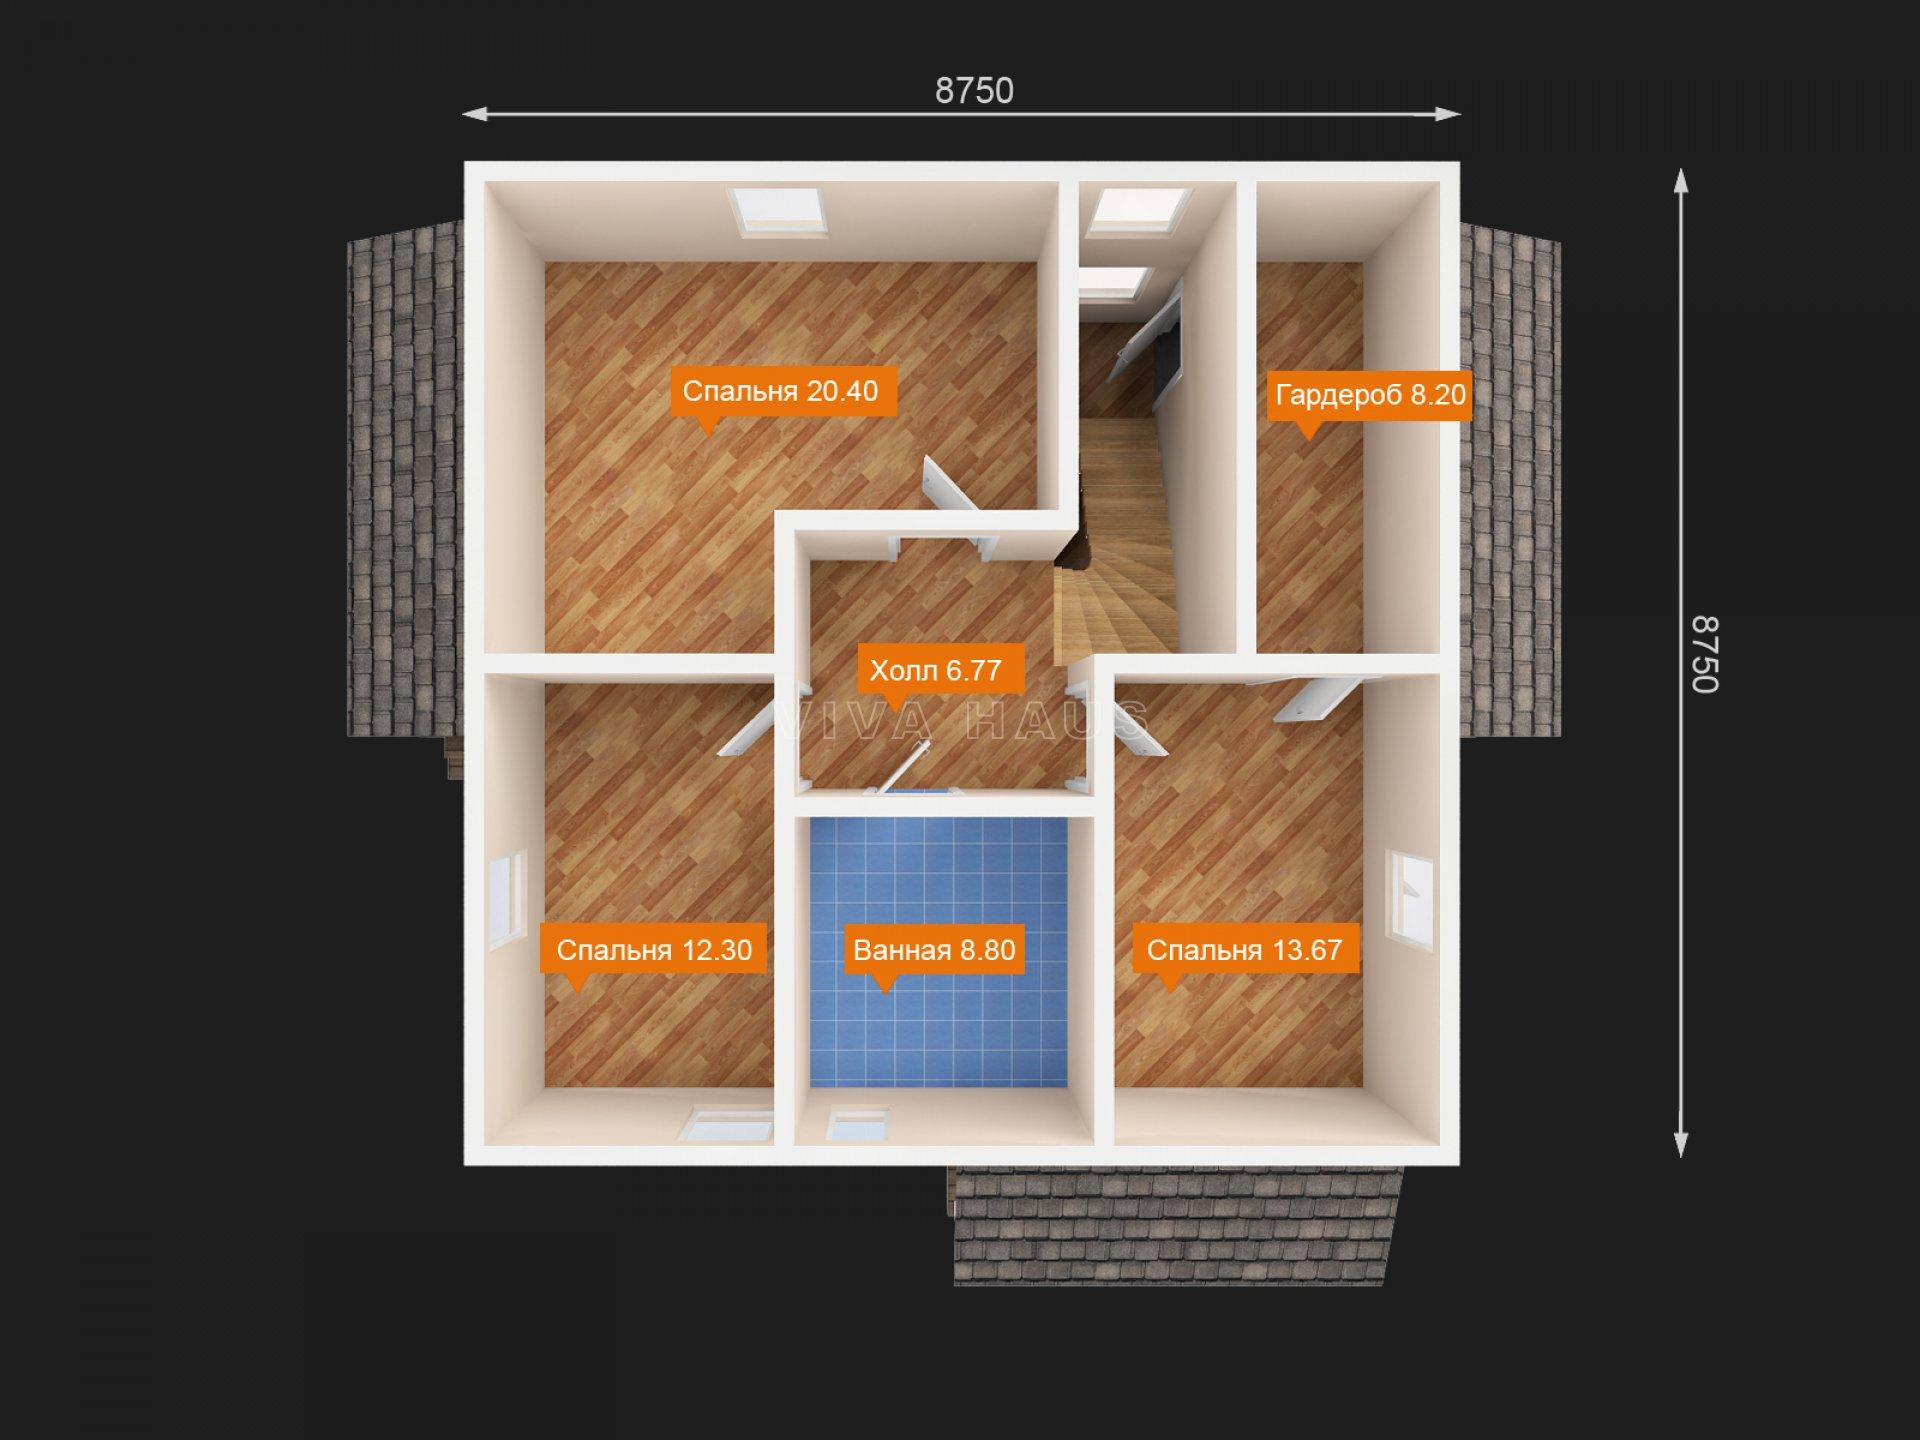 Двухэтажный дом площадью 166 м2 по проекту Омега 3Dплан 2 этажа